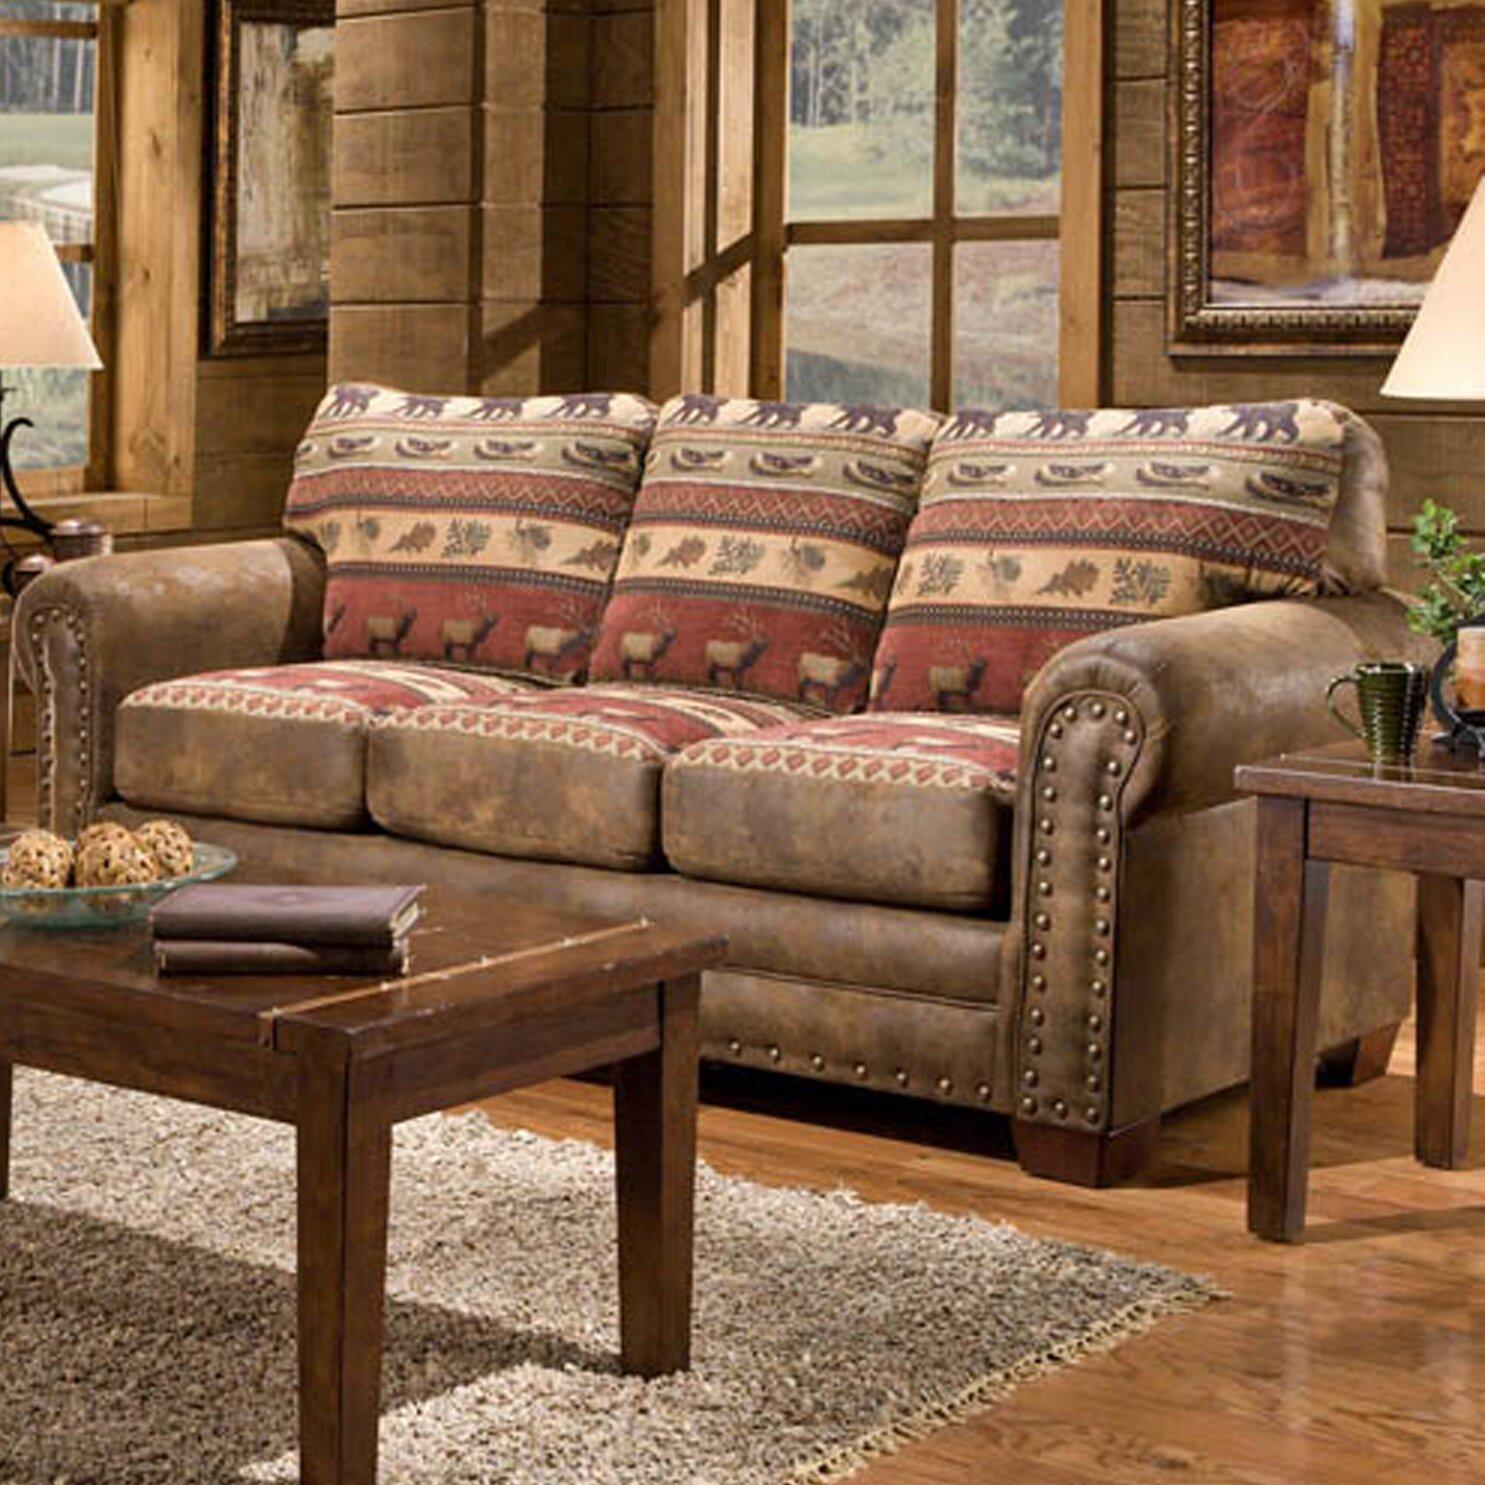 Wayfair Living Room Furniture American Furniture Classics Lodge Sierra Sofa Reviews Wayfair